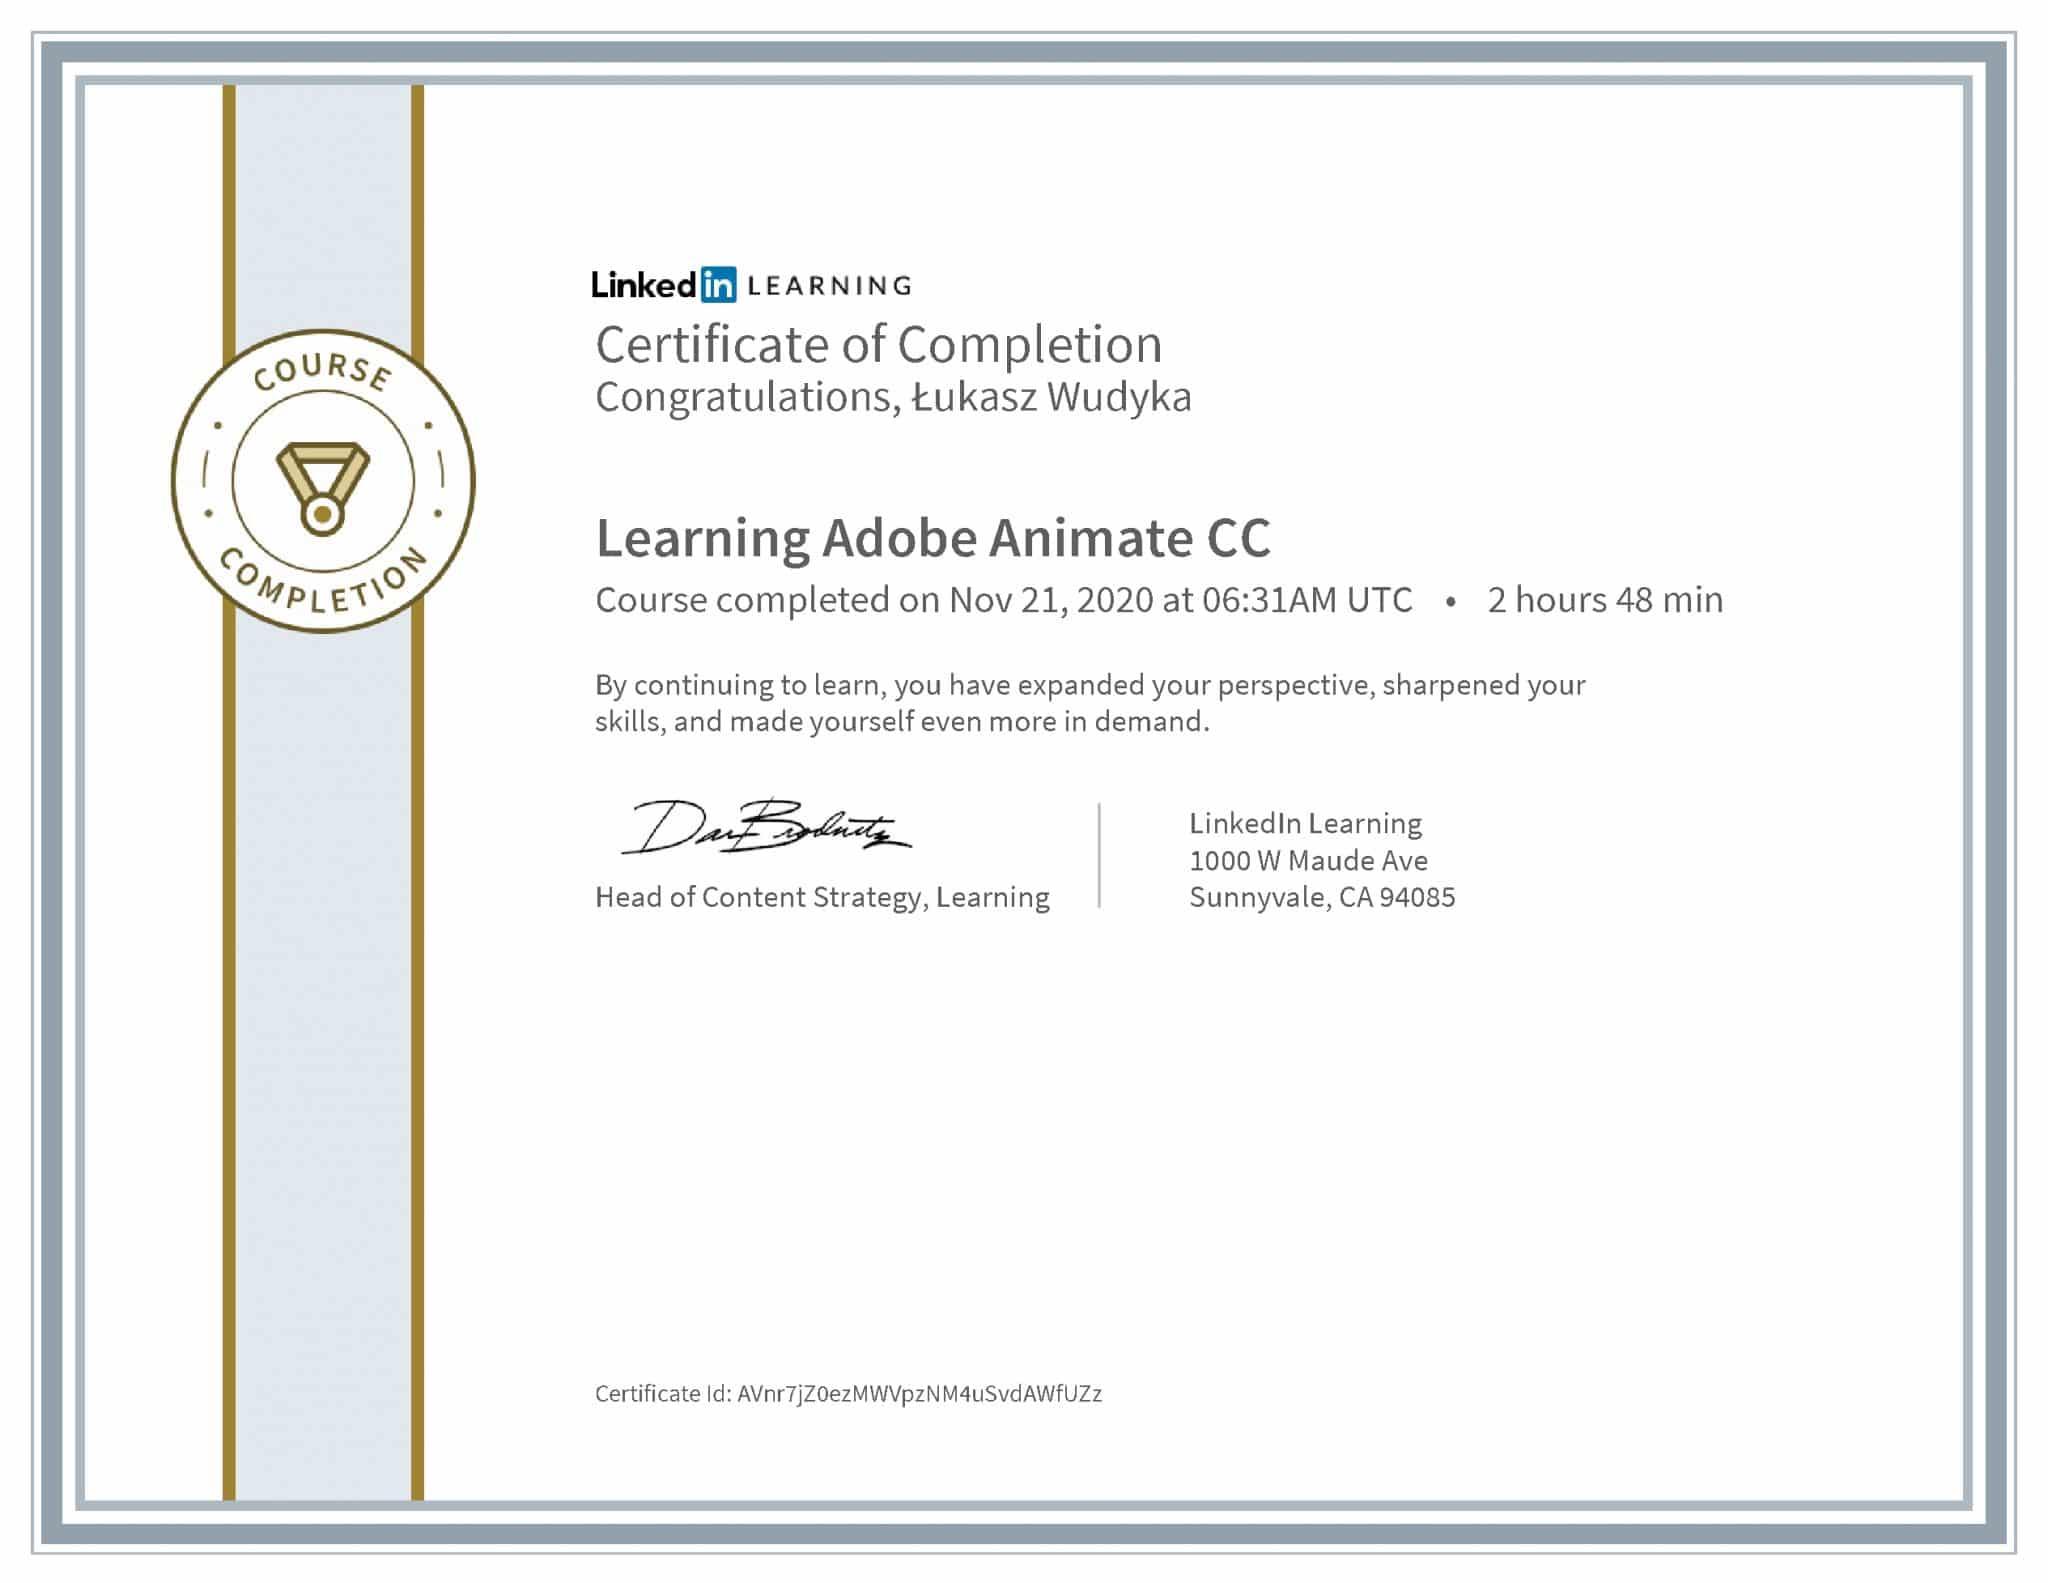 Łukasz Wudyka certyfikat LinkedIn Learning Adobe Animate CC